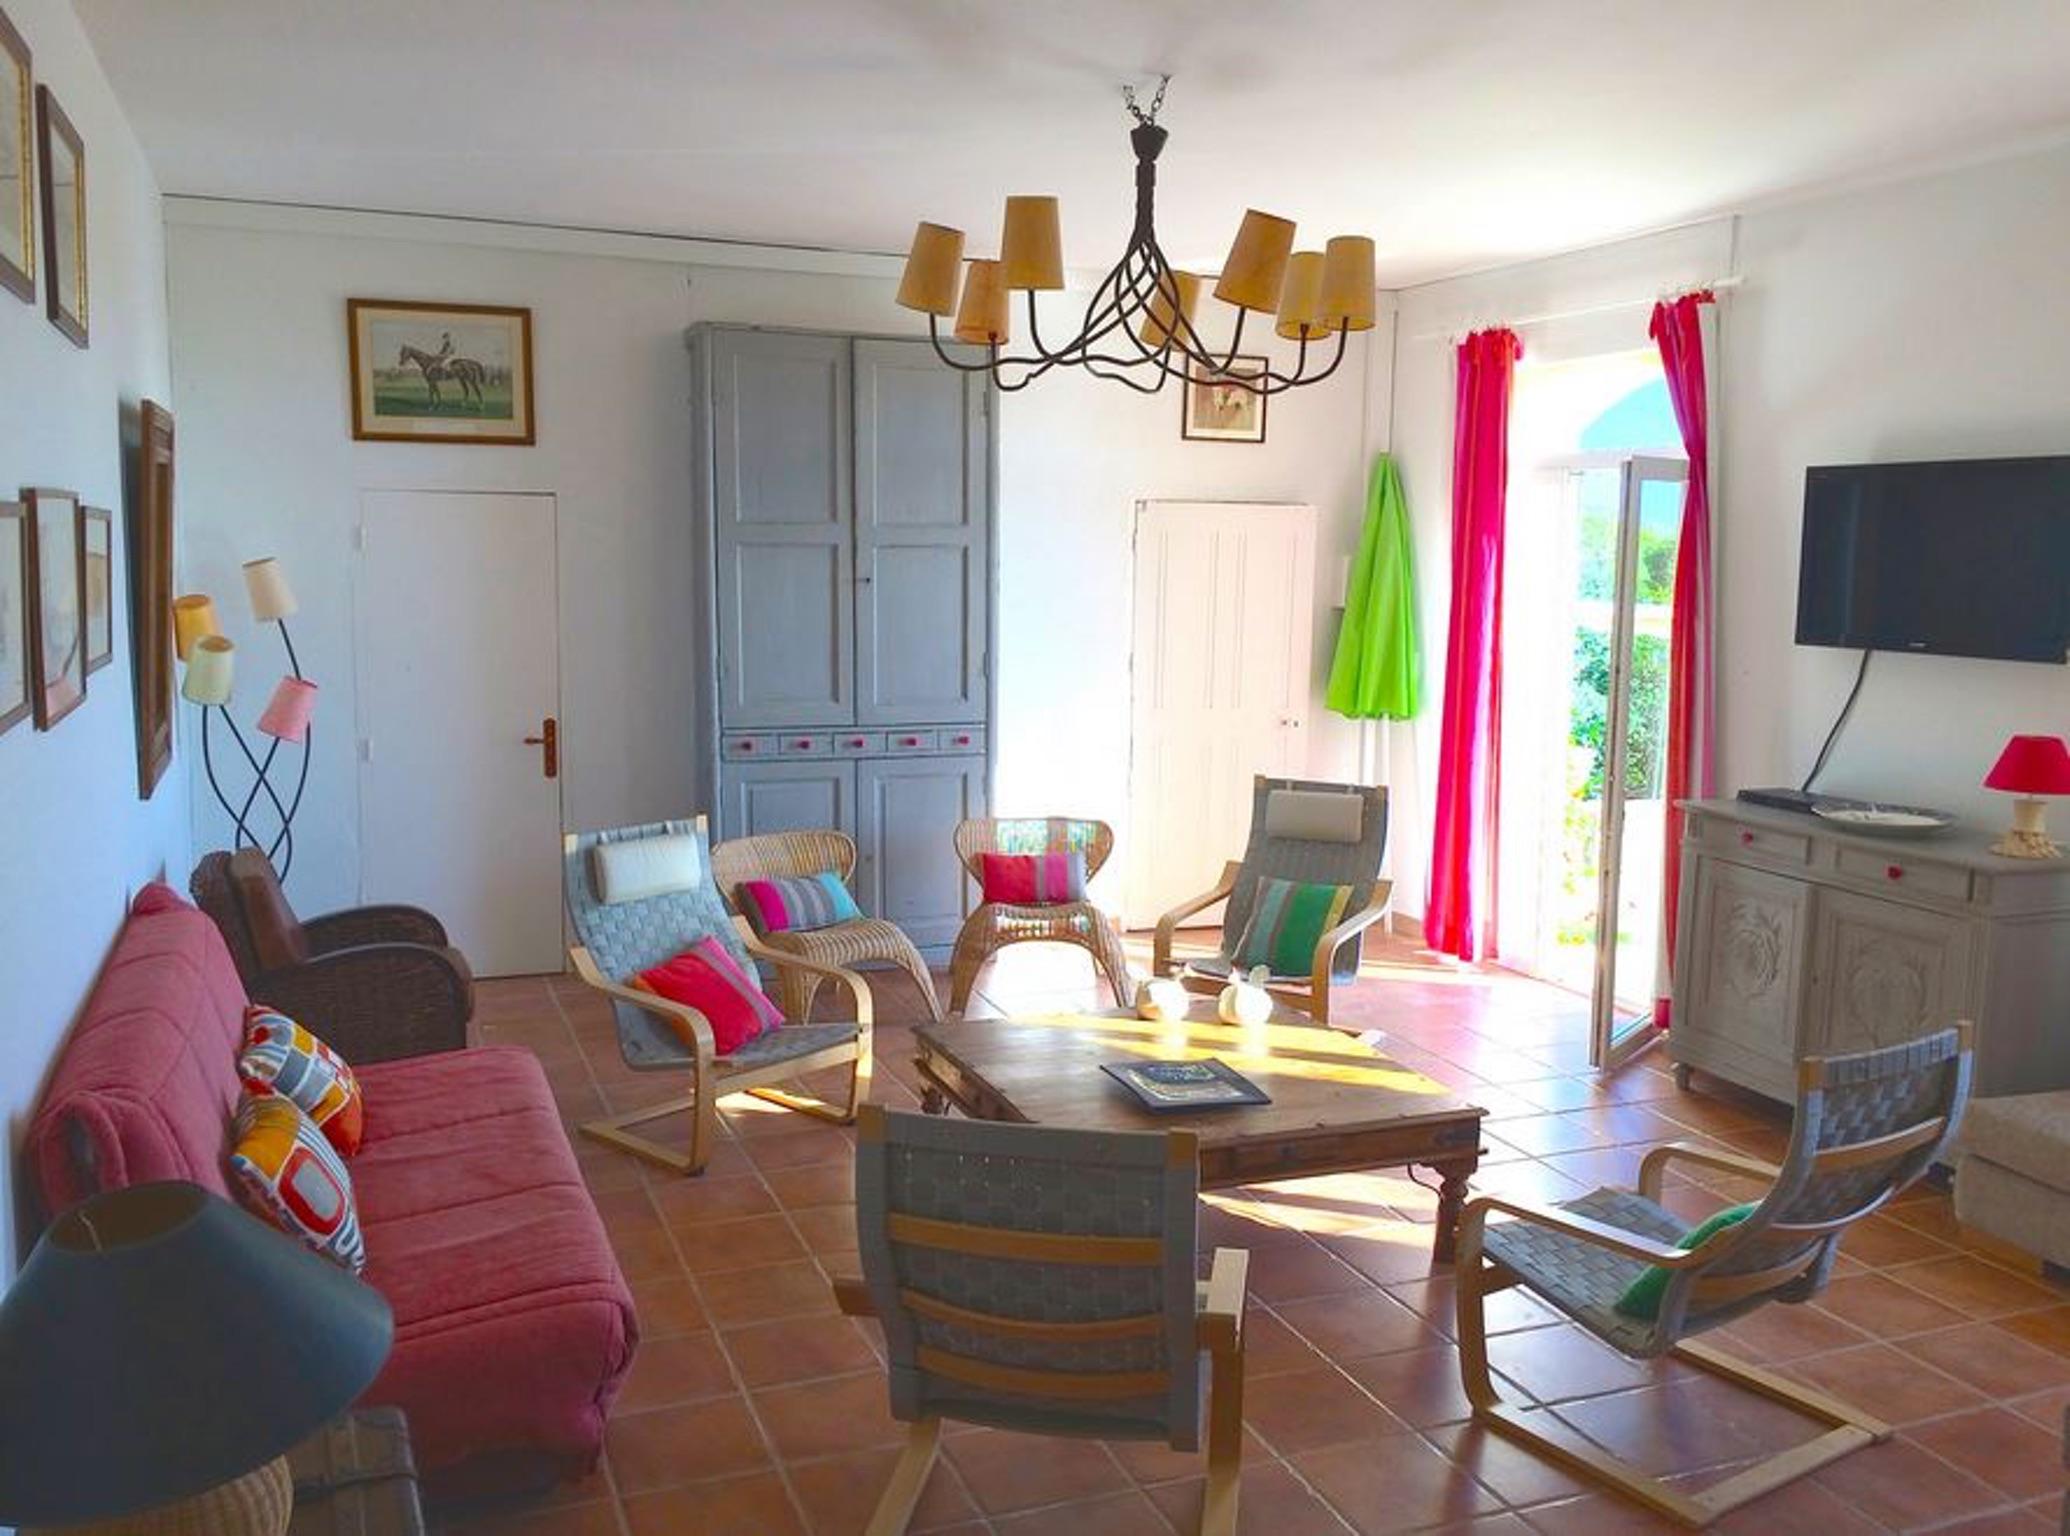 Ferienhaus Charaktervolles Haus in Hérault mit Pool und Garten (2201003), Portiragnes, Mittelmeerküste Hérault, Languedoc-Roussillon, Frankreich, Bild 6